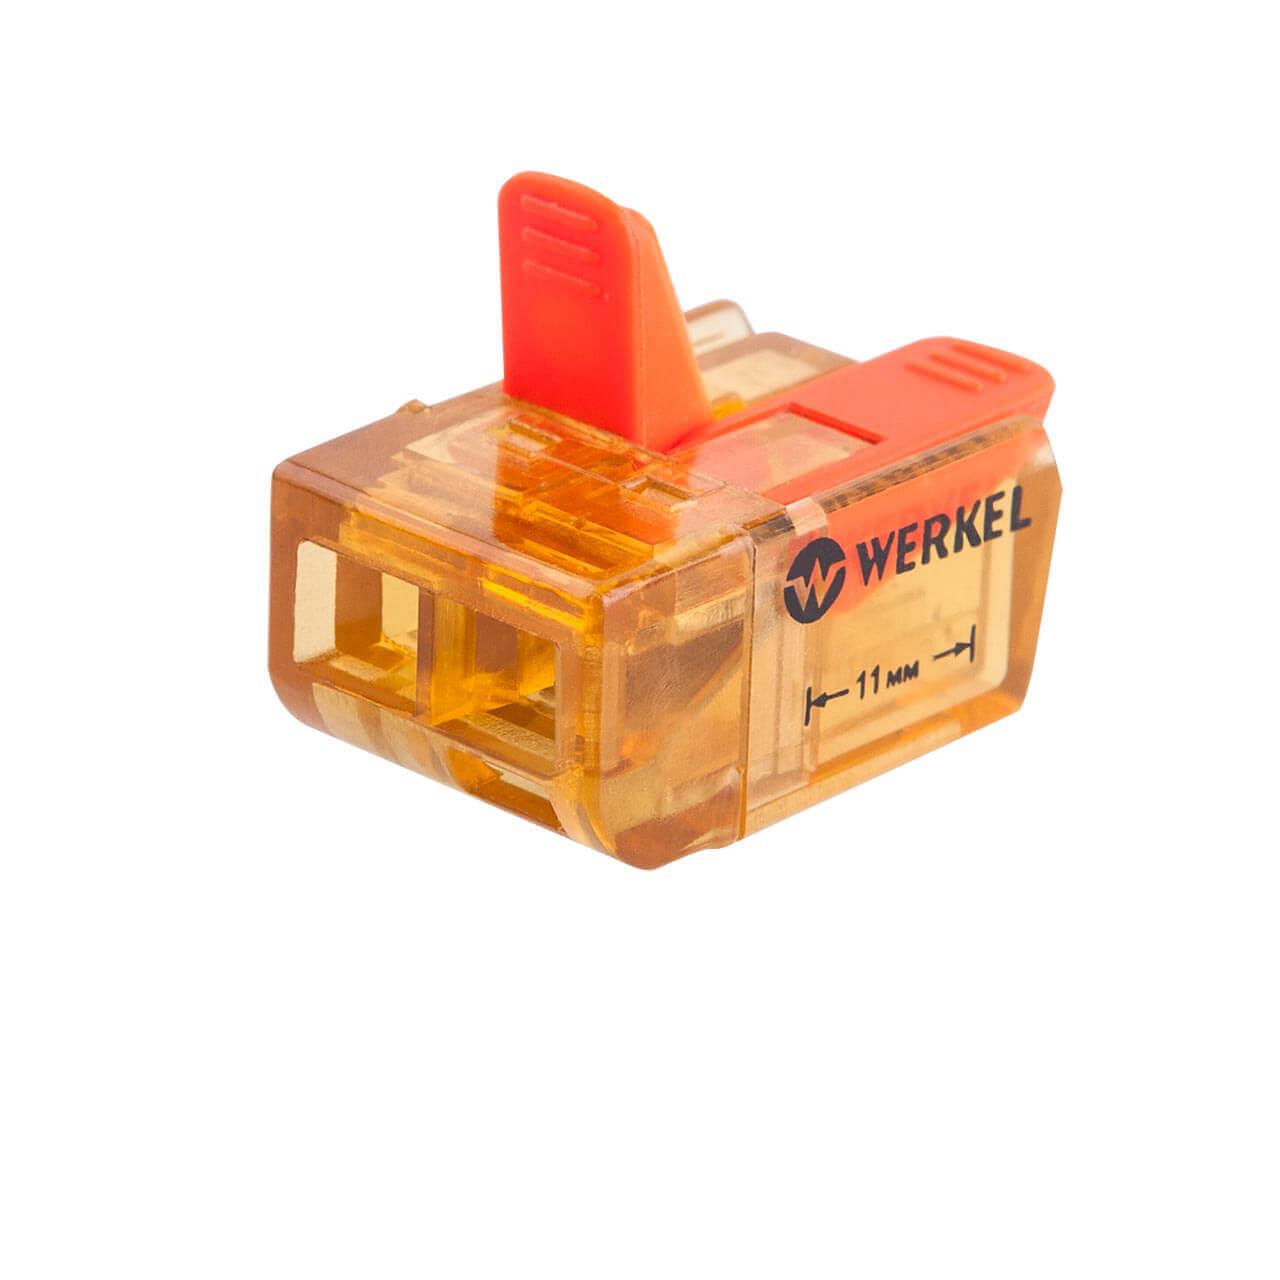 Клемма соединительная Werkel 3-проводная 5 шт TR-02-02 14690389107358 клемма соединительная werkel 3 проводная 5 шт tr 02 02 14690389107358